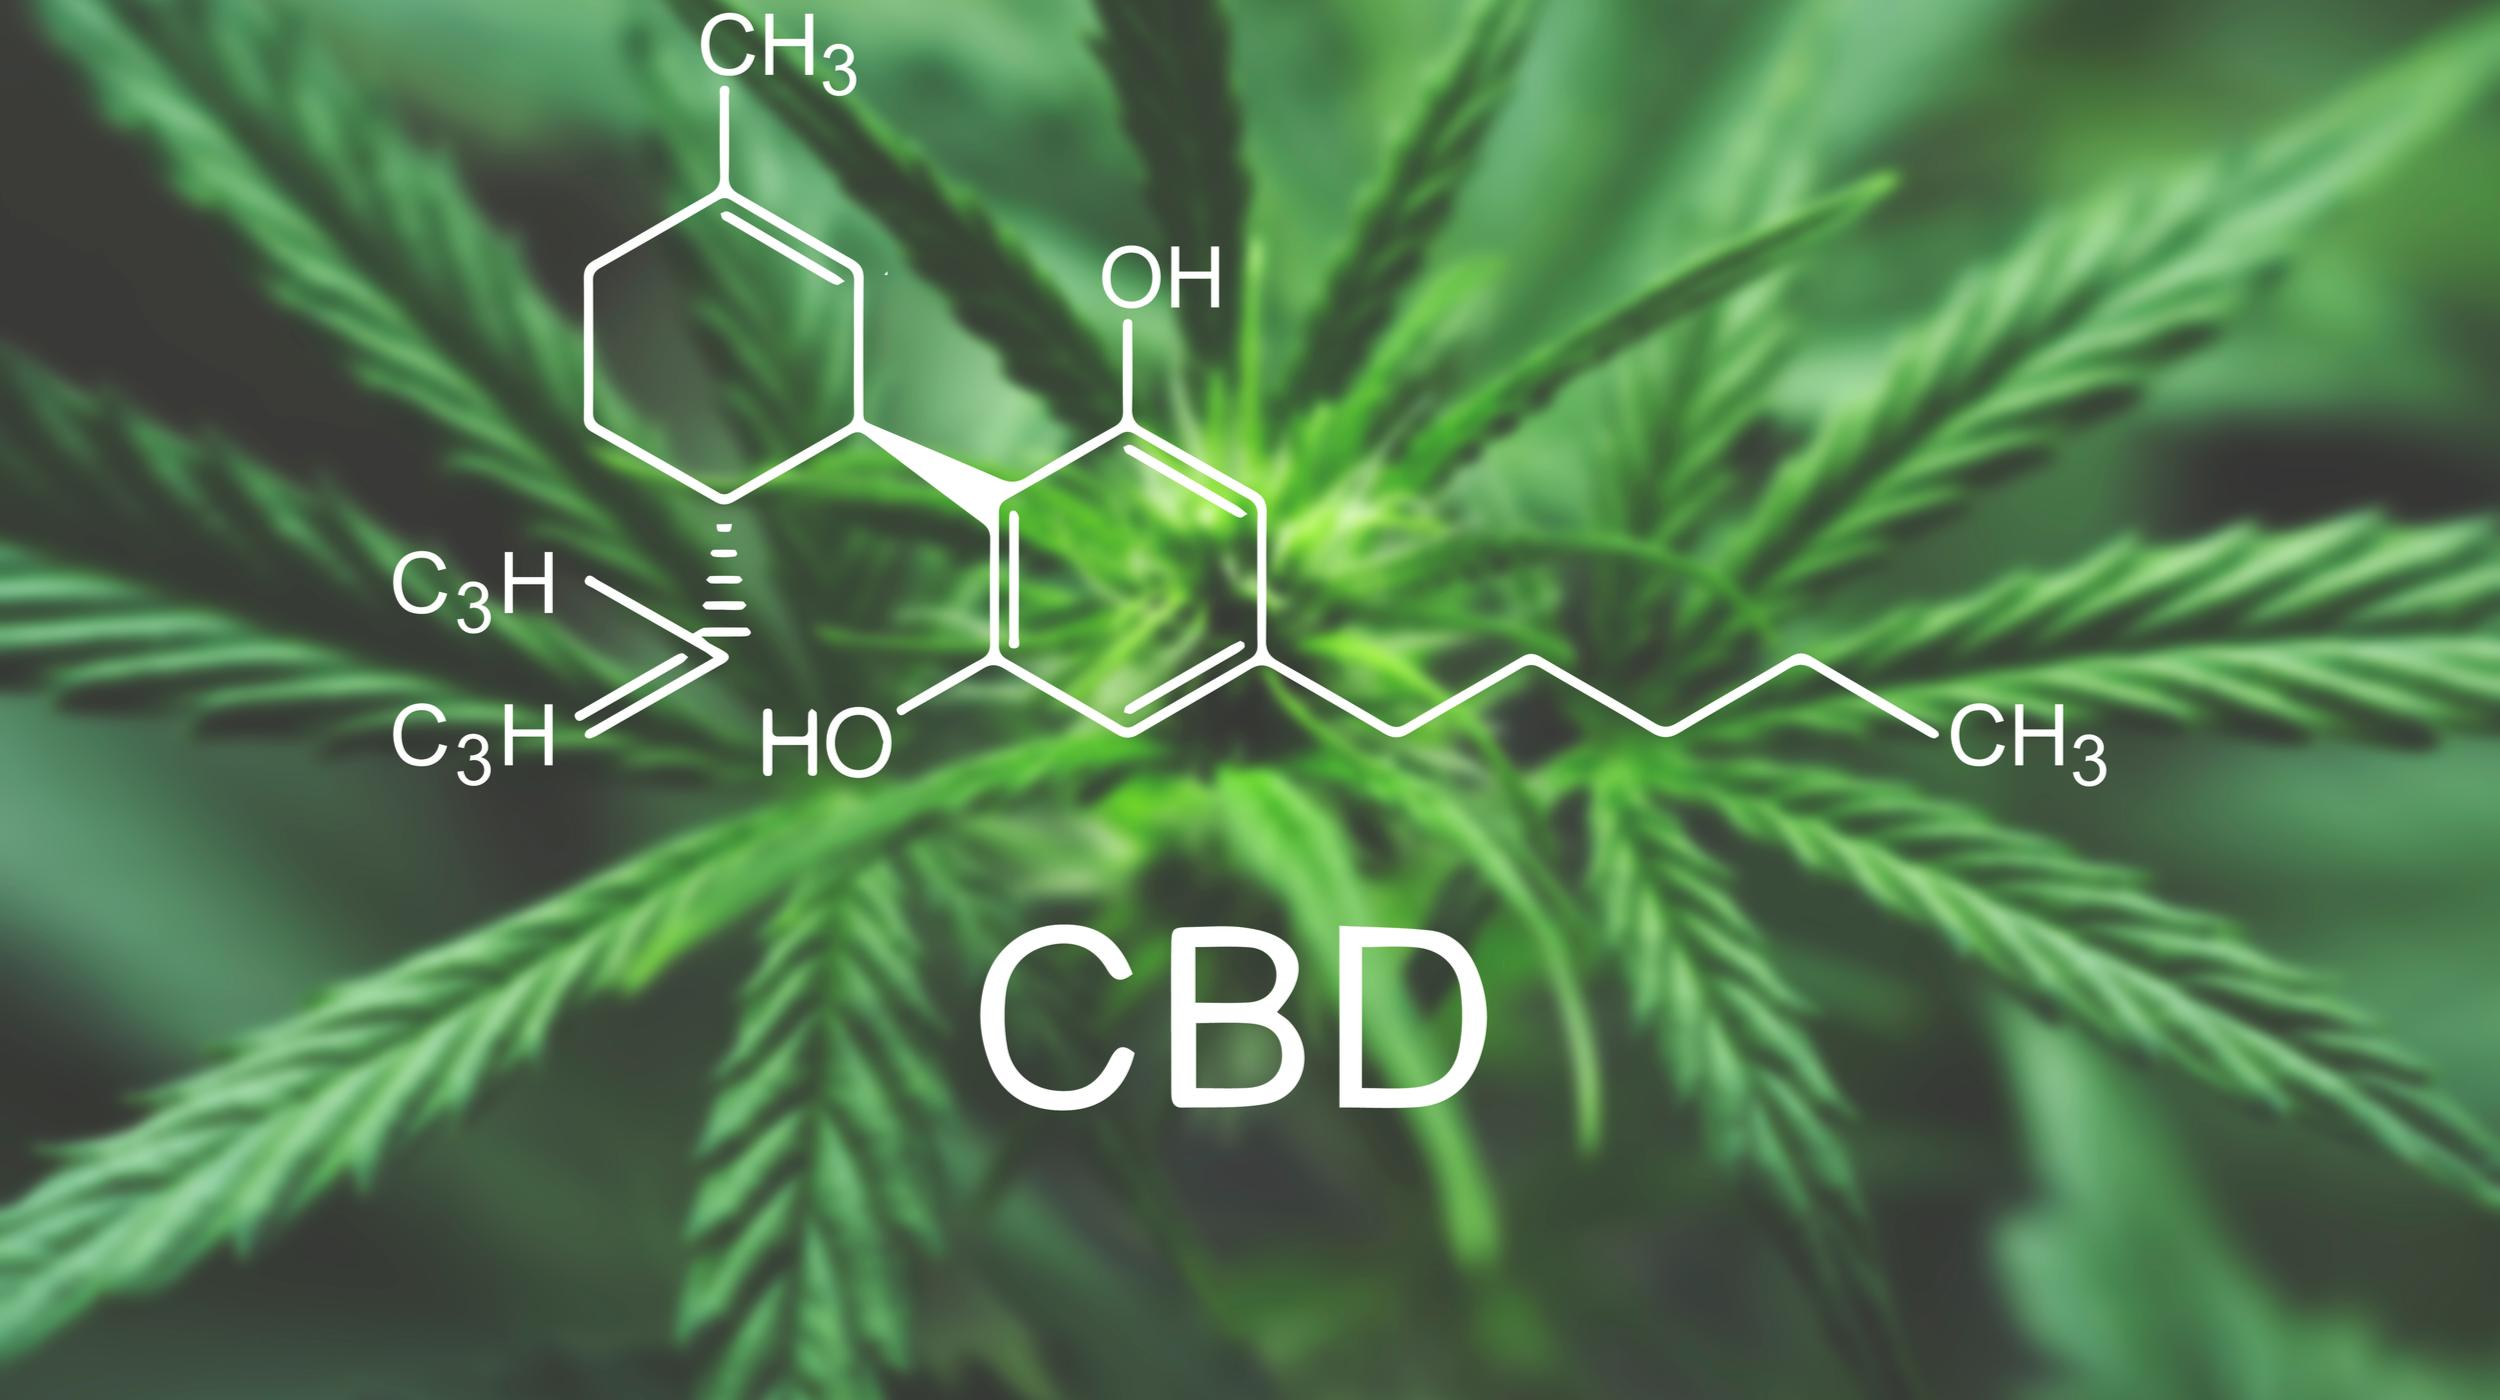 CBD (Cannabidiol) – What is it?